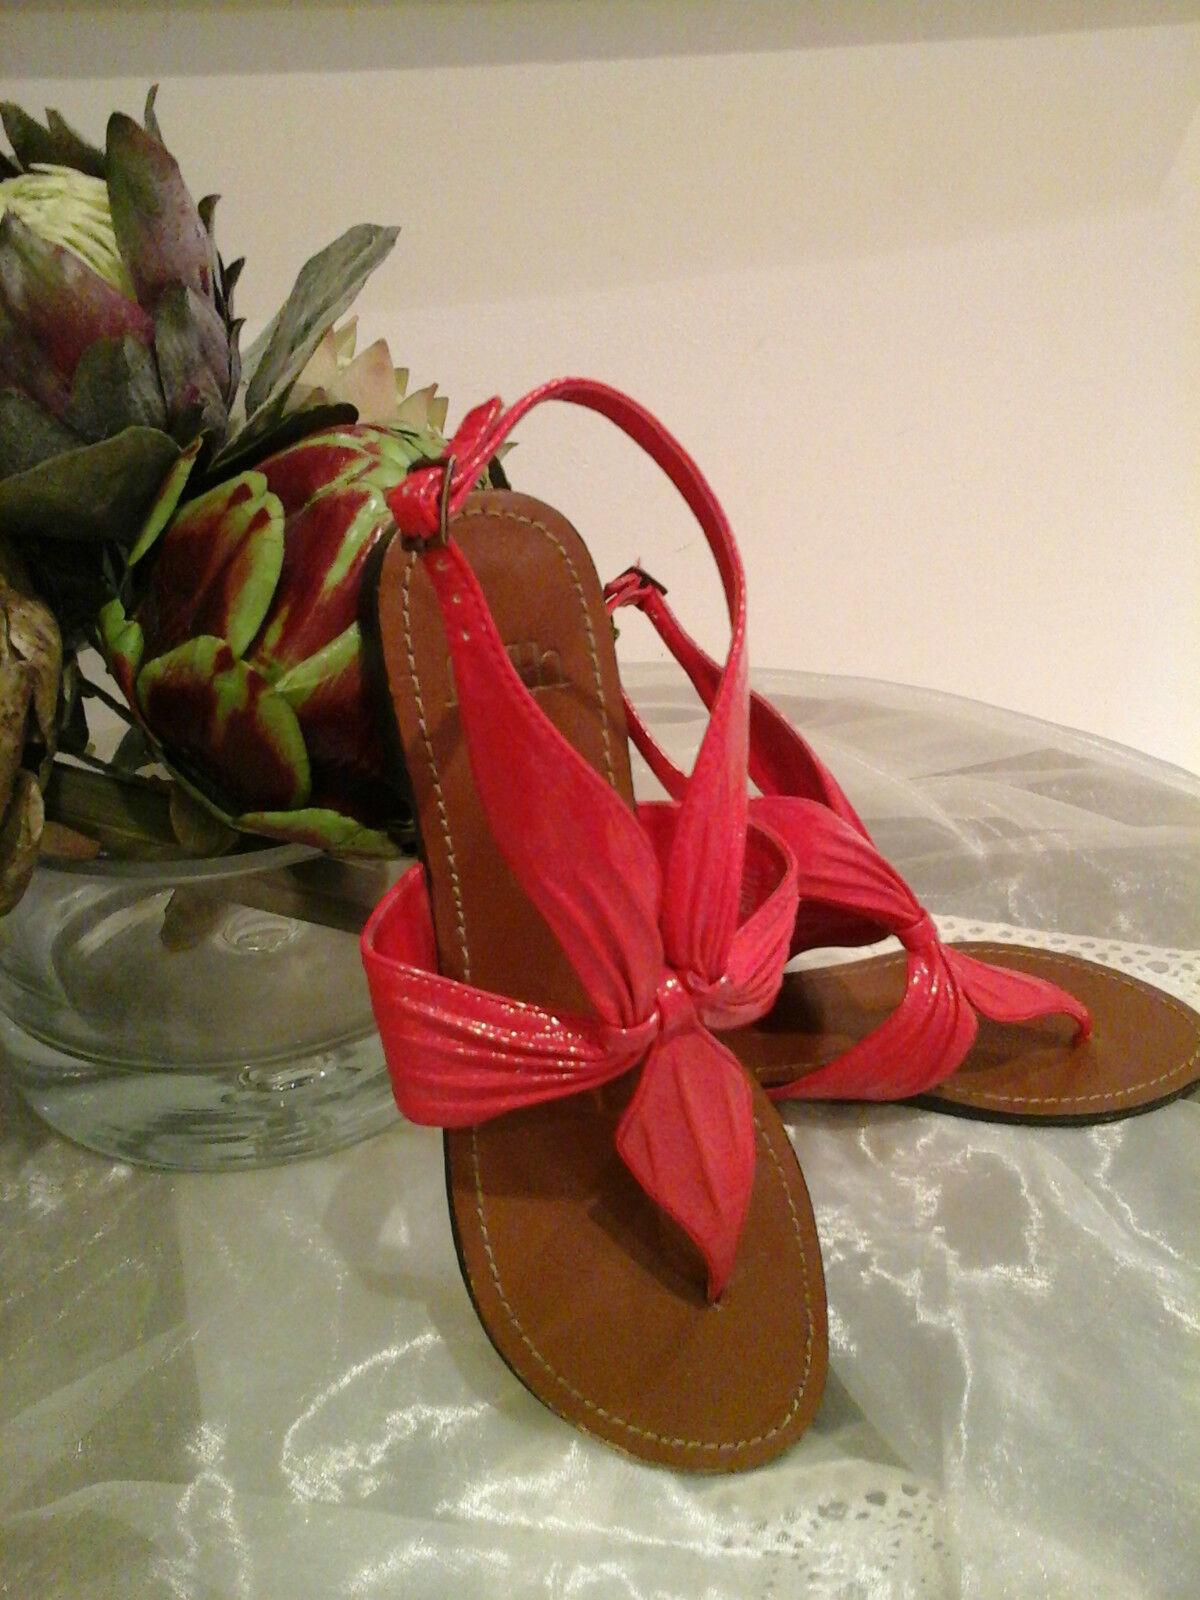 Genuine Cuero Rojo Fe  magnífico sandles Zapatos Zapatos Zapatos  Talla 5 Perfecto  Imperdible  punto de venta